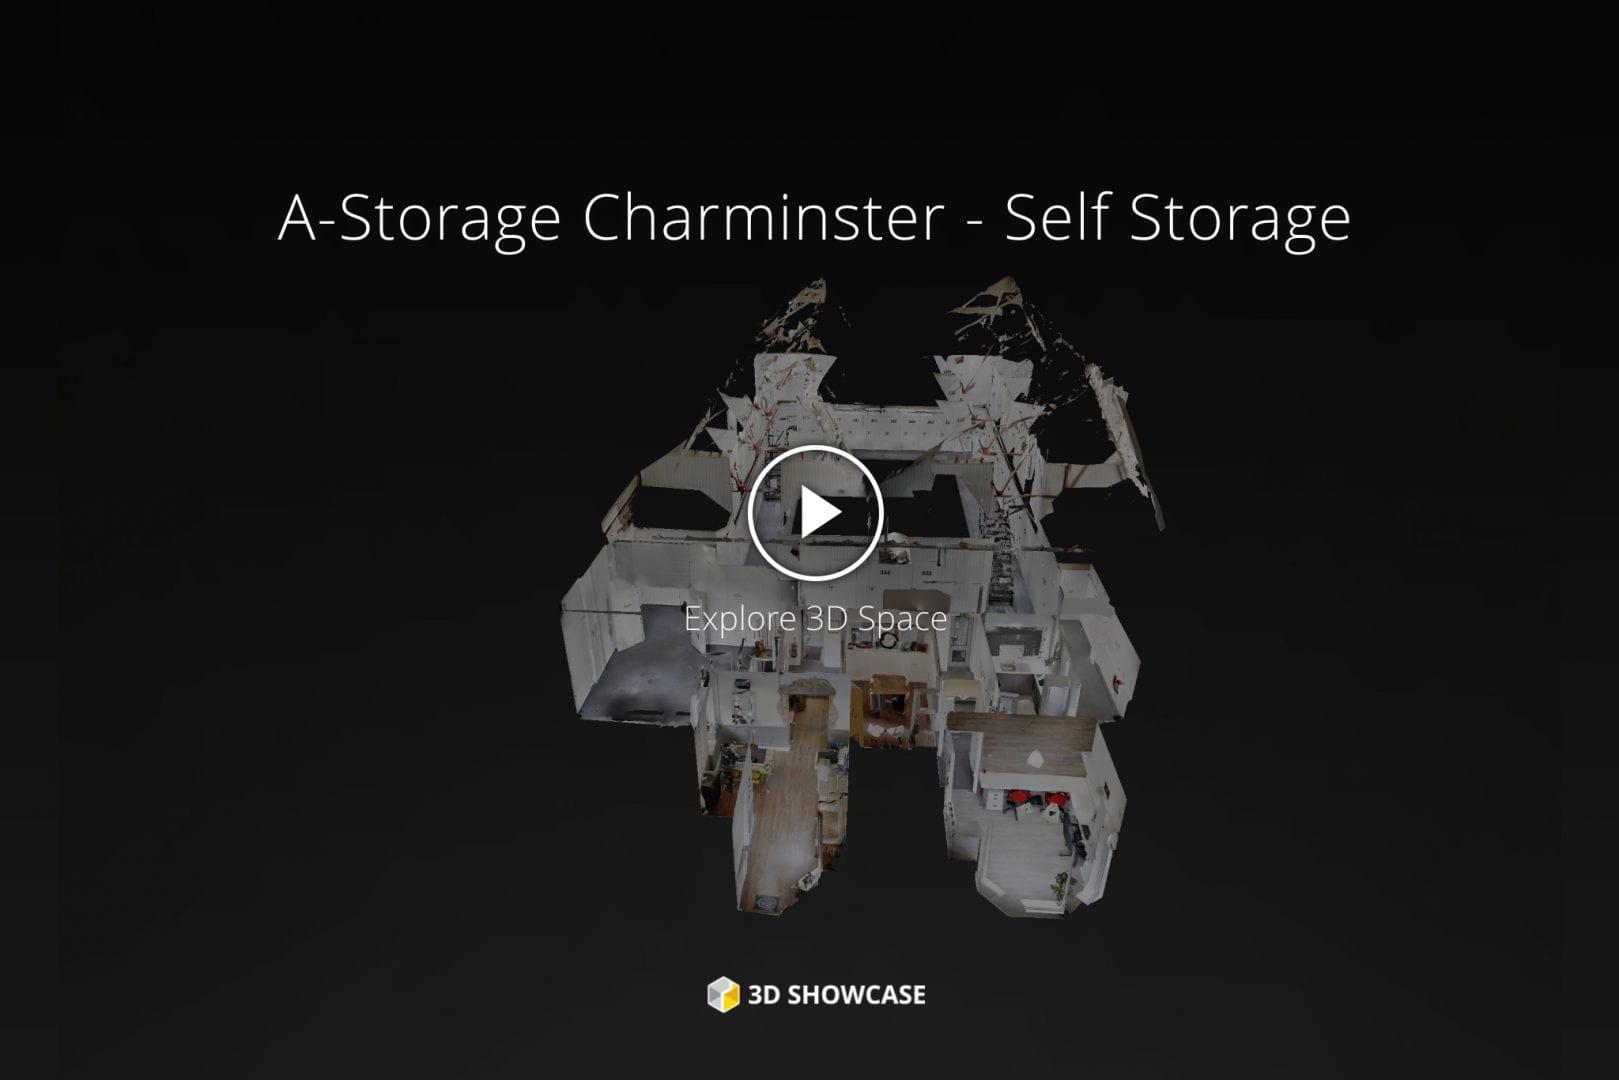 Storage Virtual tour